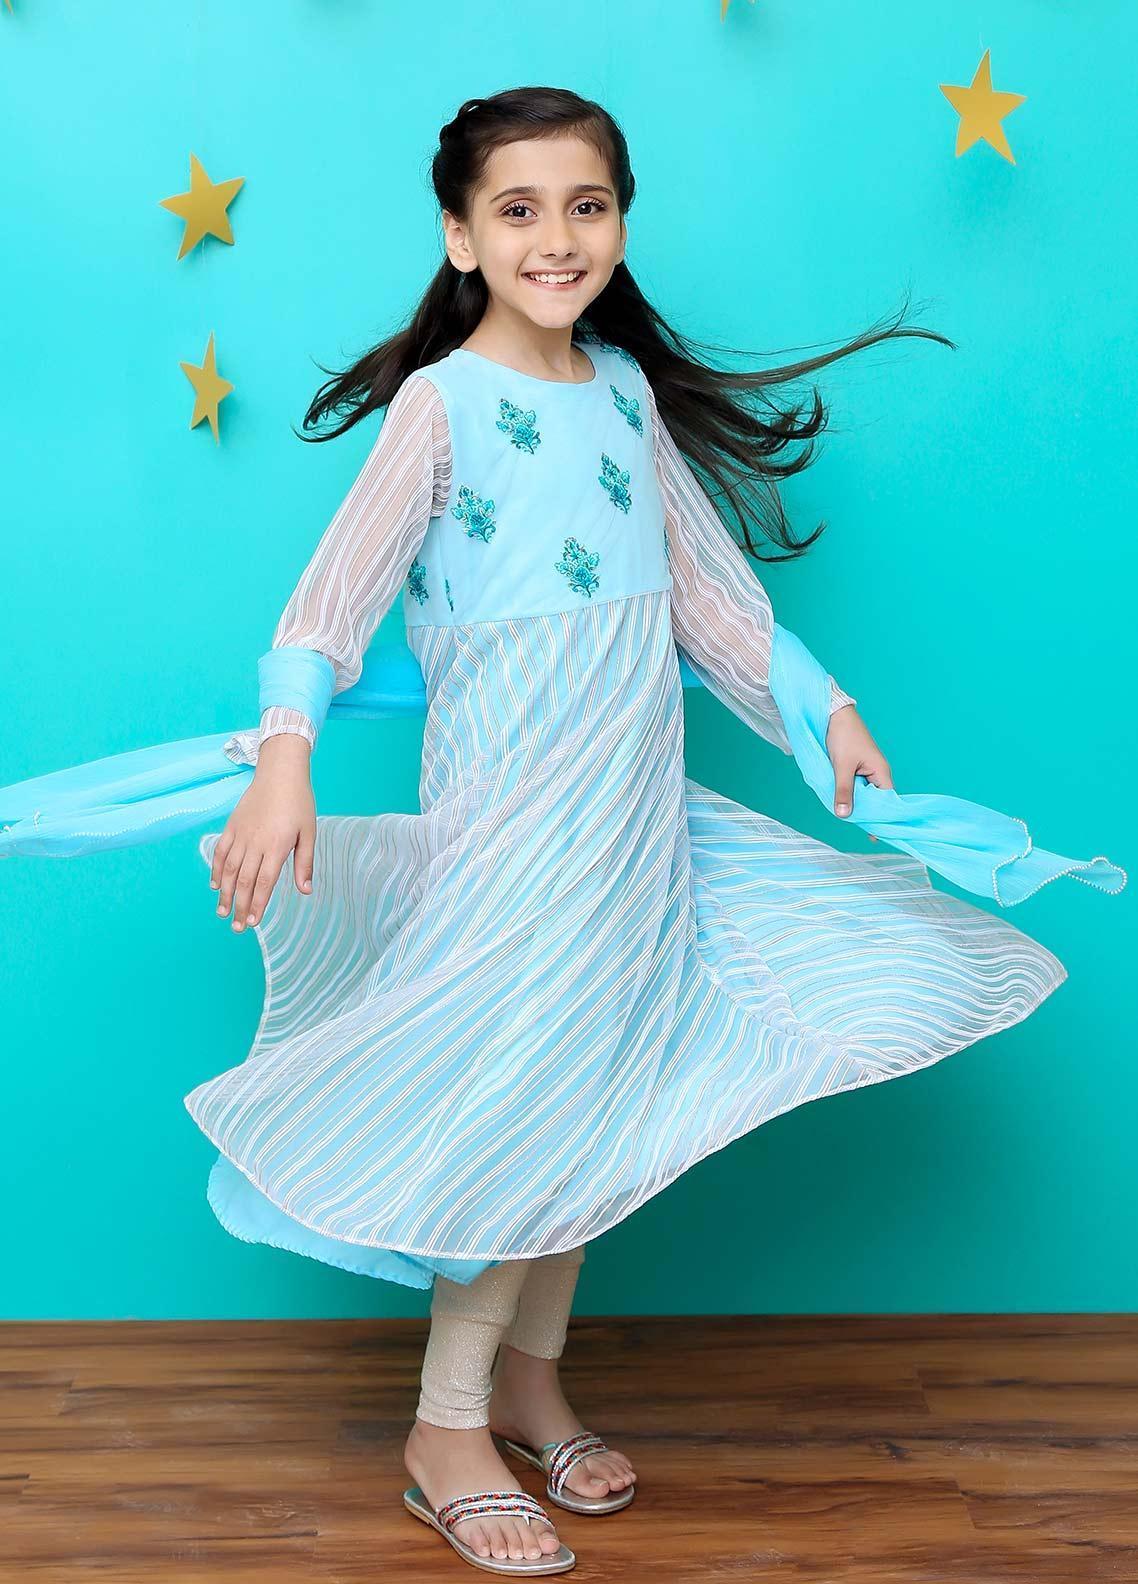 Ochre Zari Net Formal 2 Piece Suit for Girls - OFW 205 Sky Blue